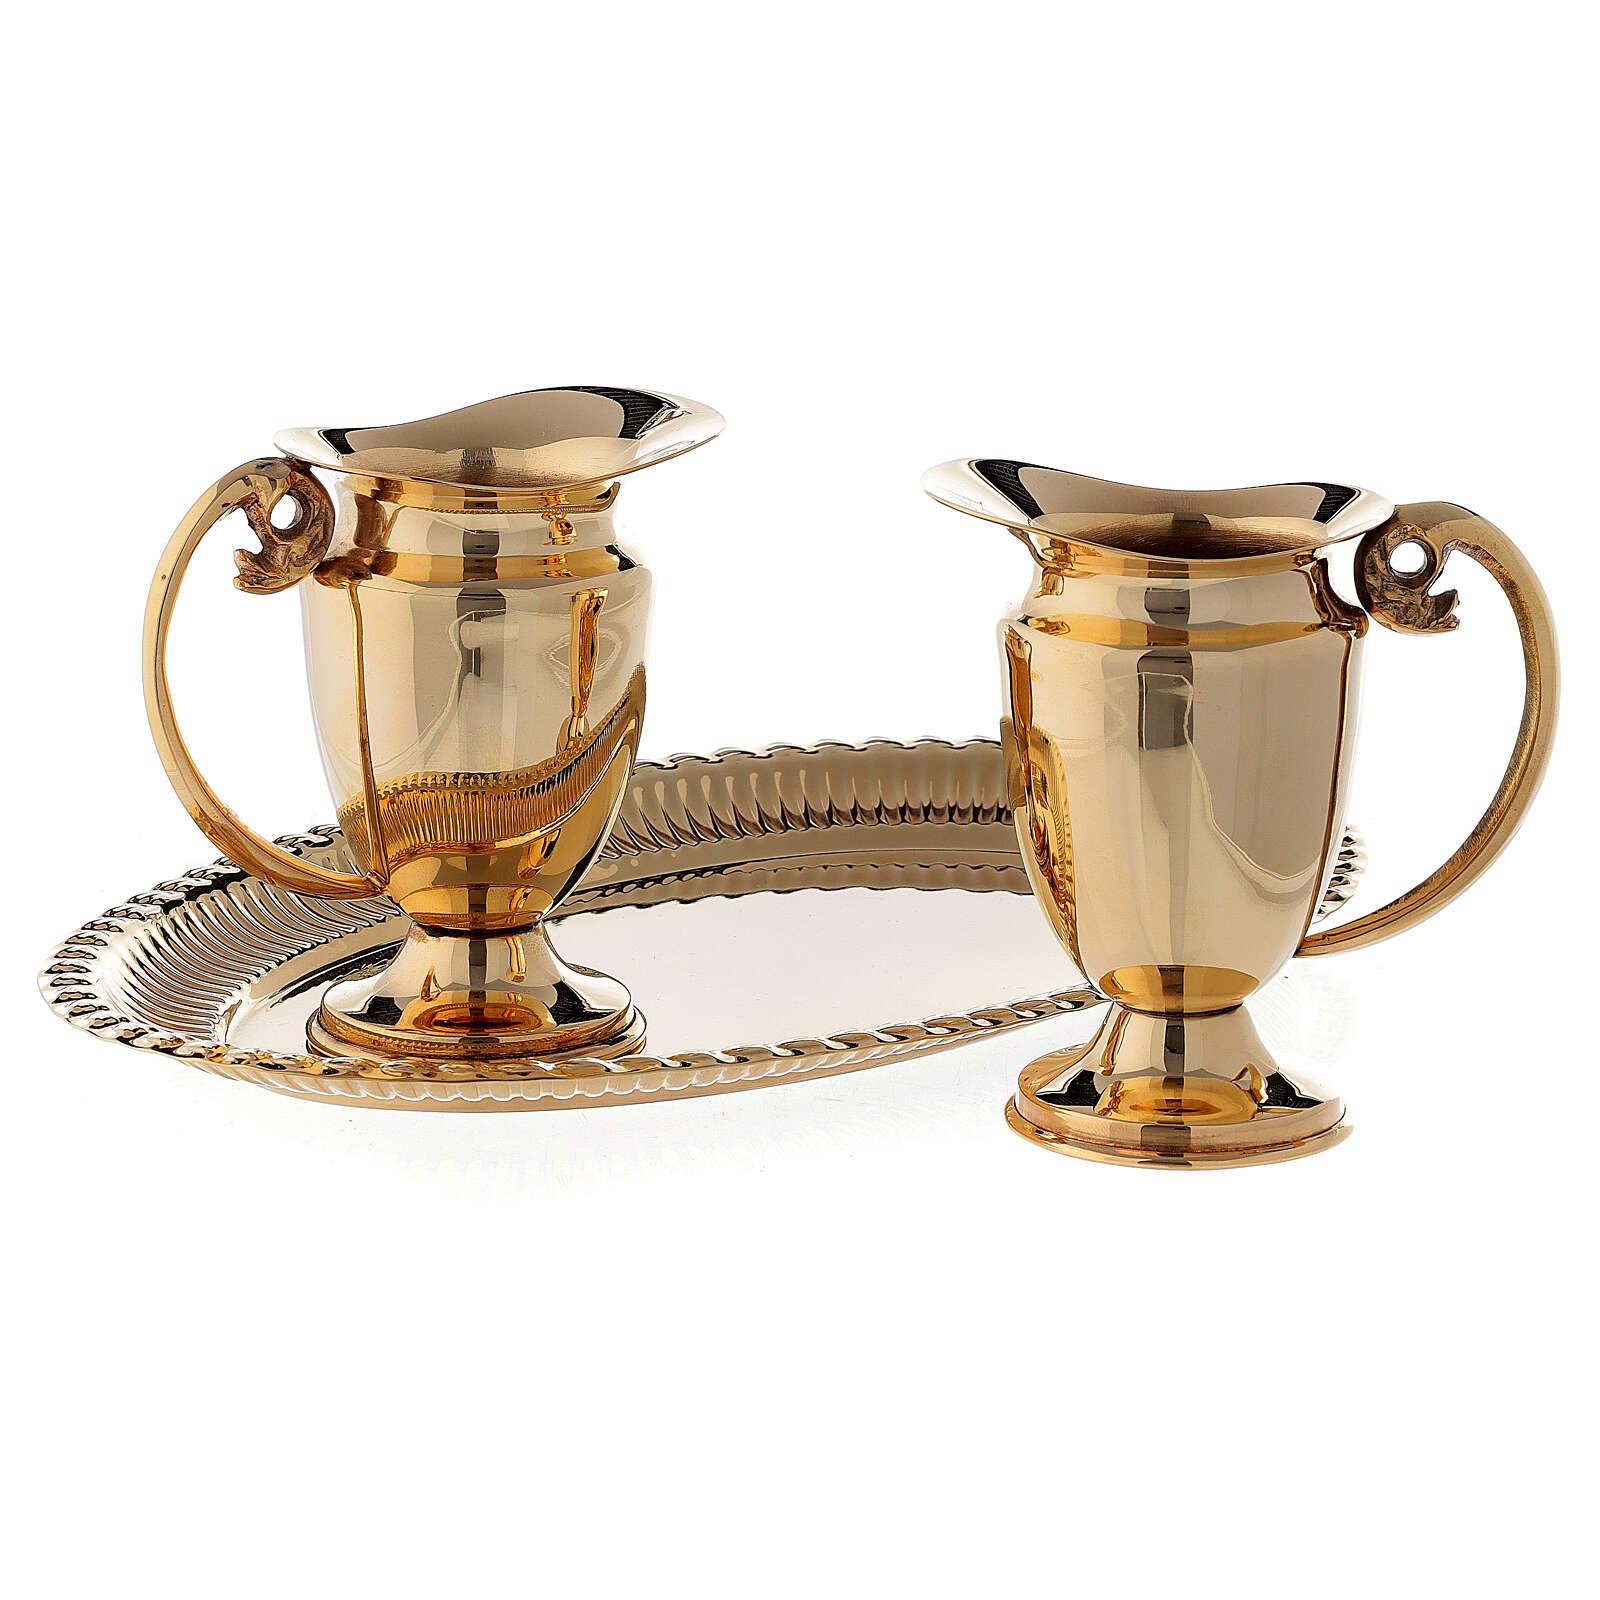 Servicio celebración vinajeras y bandeja latón dorado clásico 4